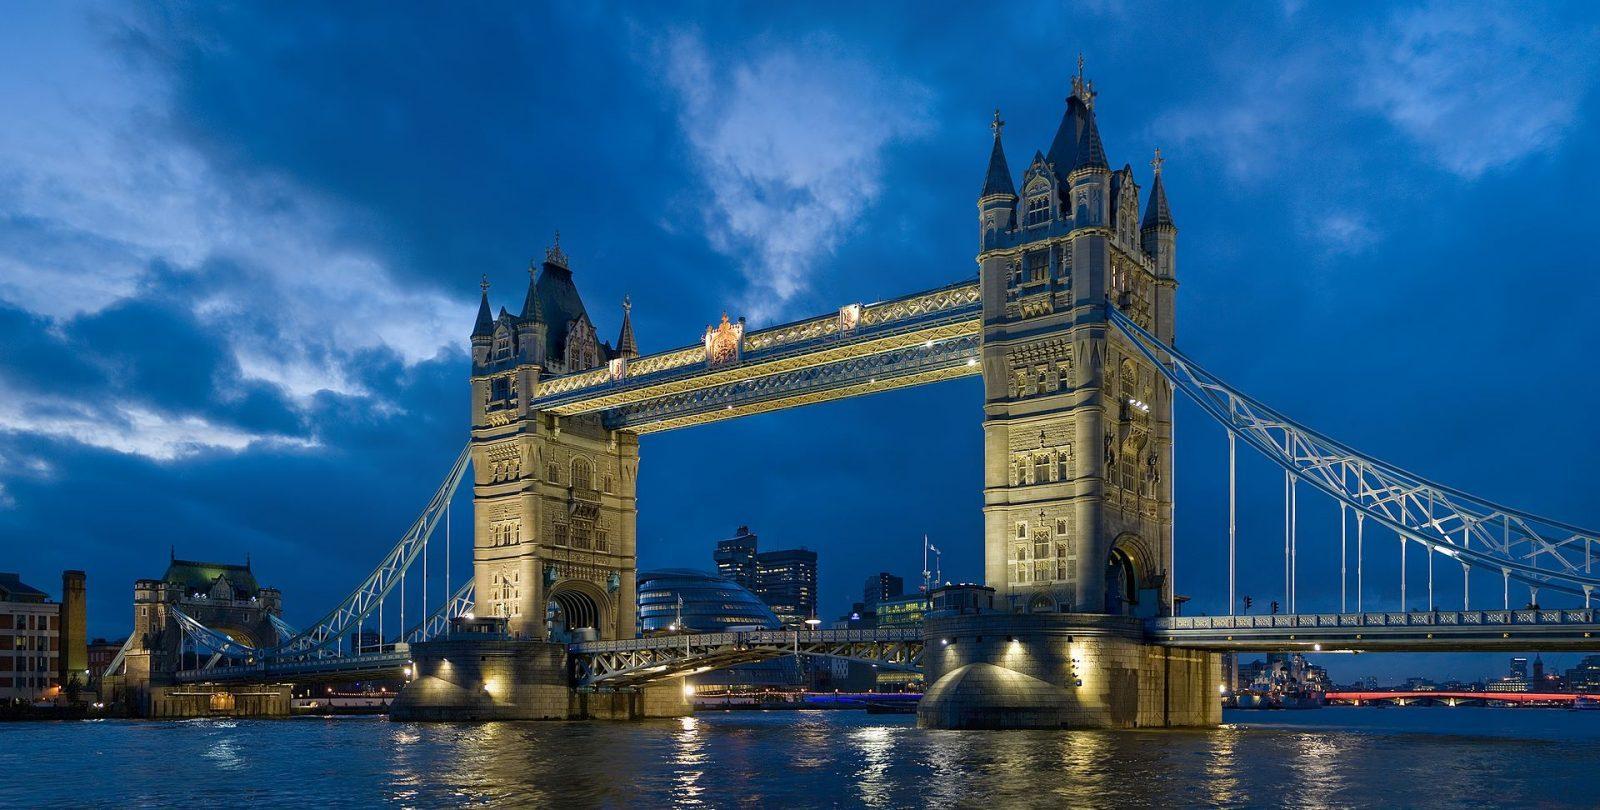 Los puentes más famosos del mundo. ¿Cuáles son y dónde están?